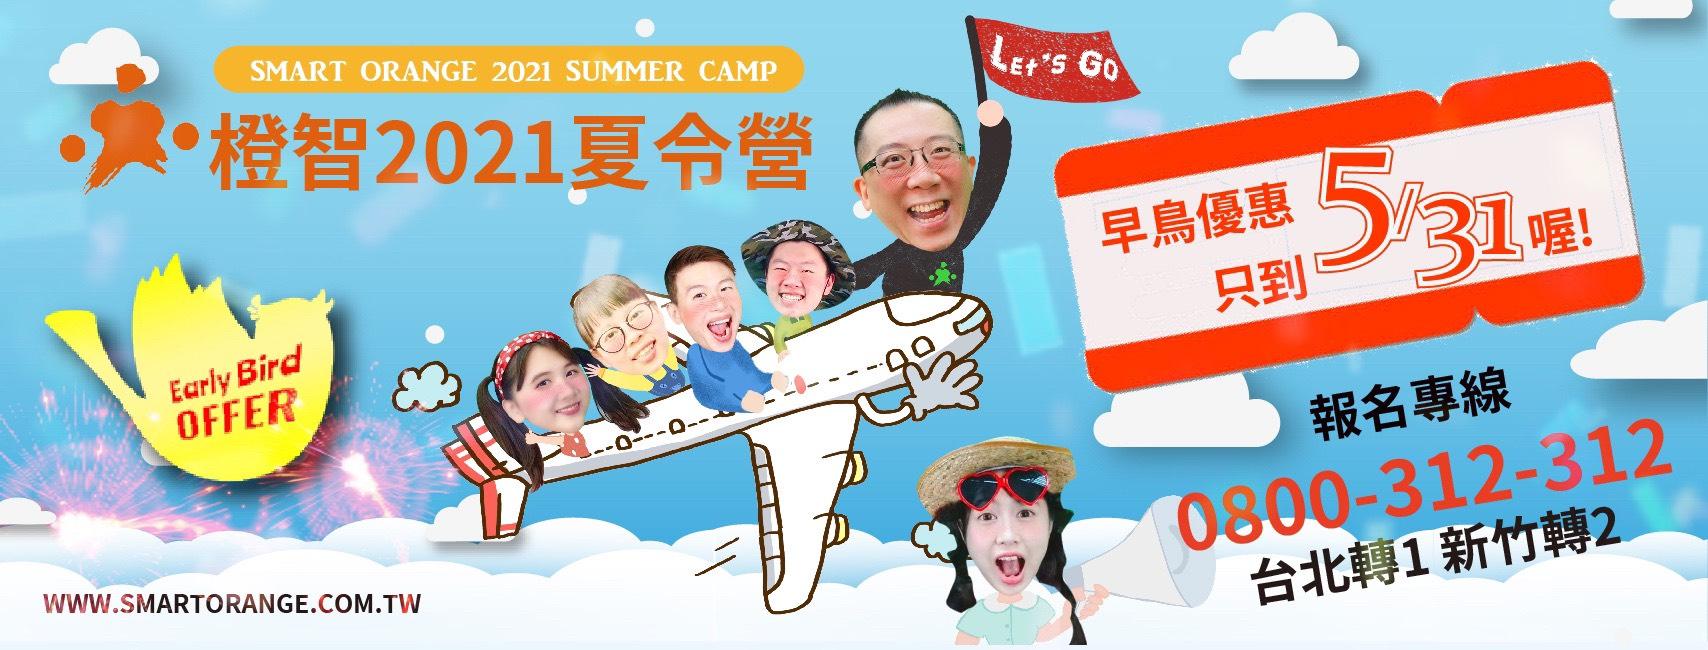 《2021夏令營》5/31前報名享早鳥優惠!